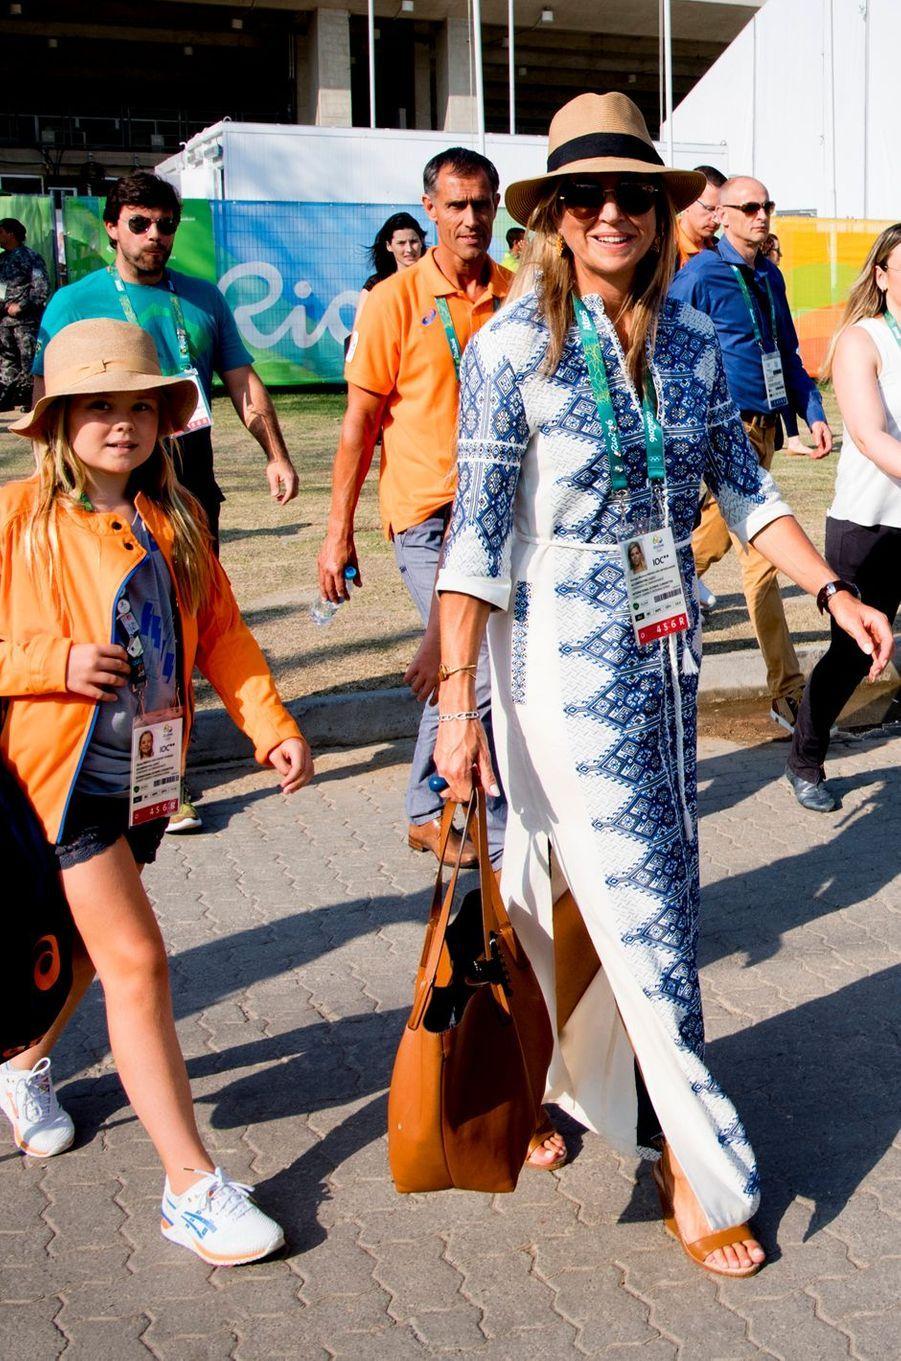 La reine Maxima des Pays-Bas, avec sa fille Ariane, aux JO de Rio, le 19 août 2016